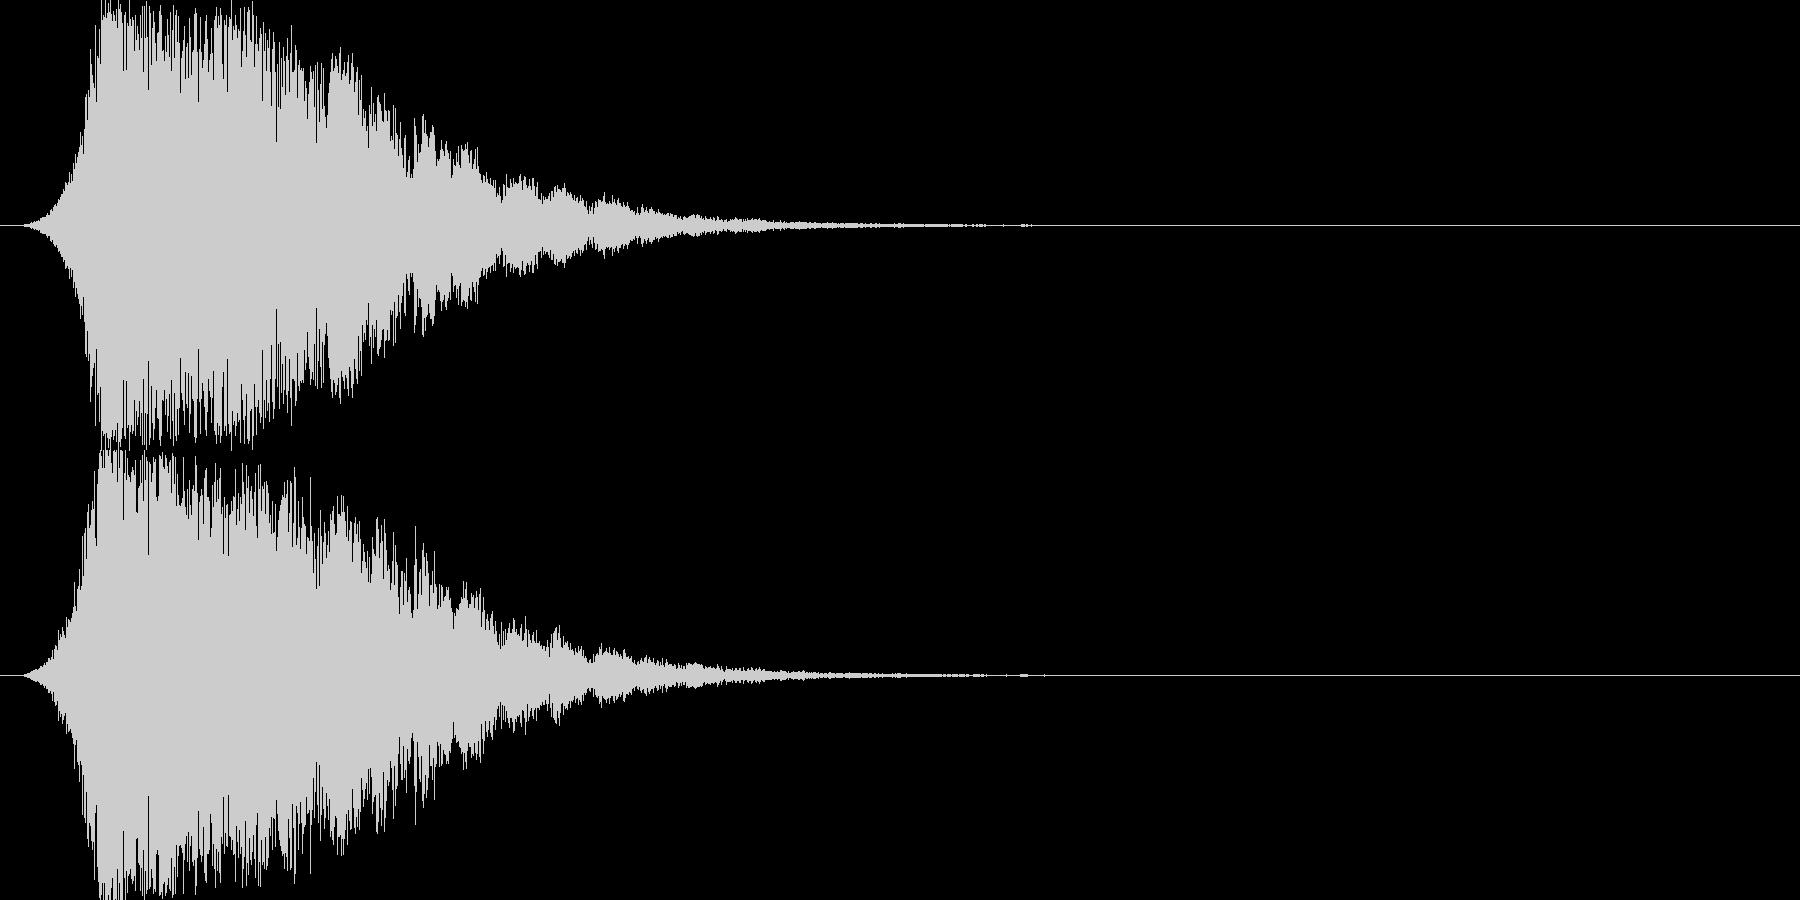 シャキーン 派手なインパクト音1の未再生の波形